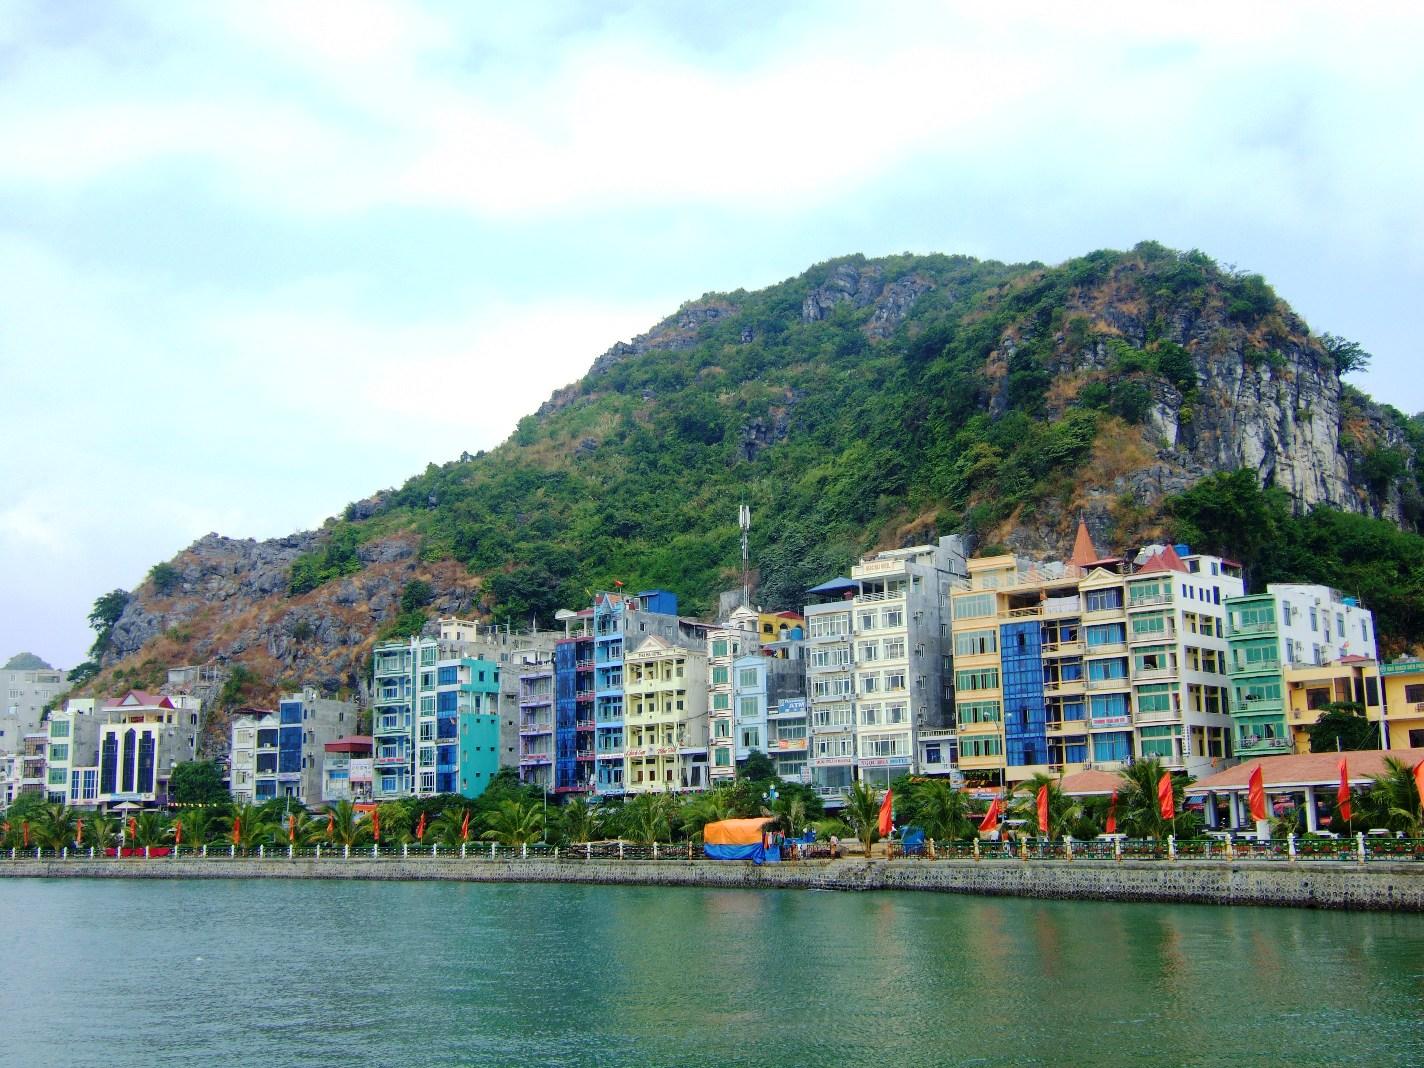 Остров Кат-ба в Бухте Халонг во Вьетнаме